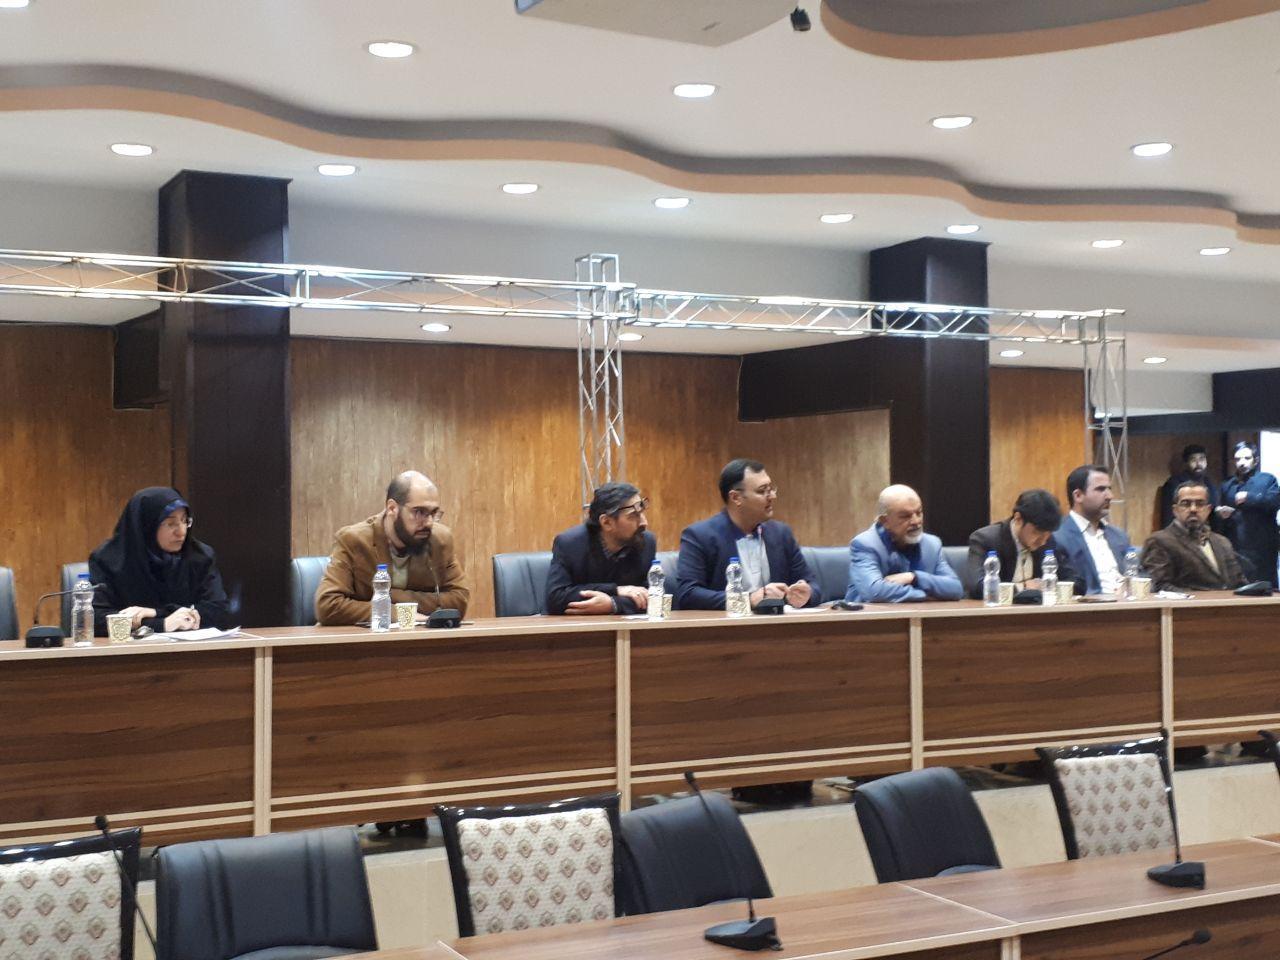 انتخاب نامزدهای مجلس عدالتخواه، حول محور یک برنامه اقتصادی اجتماعی